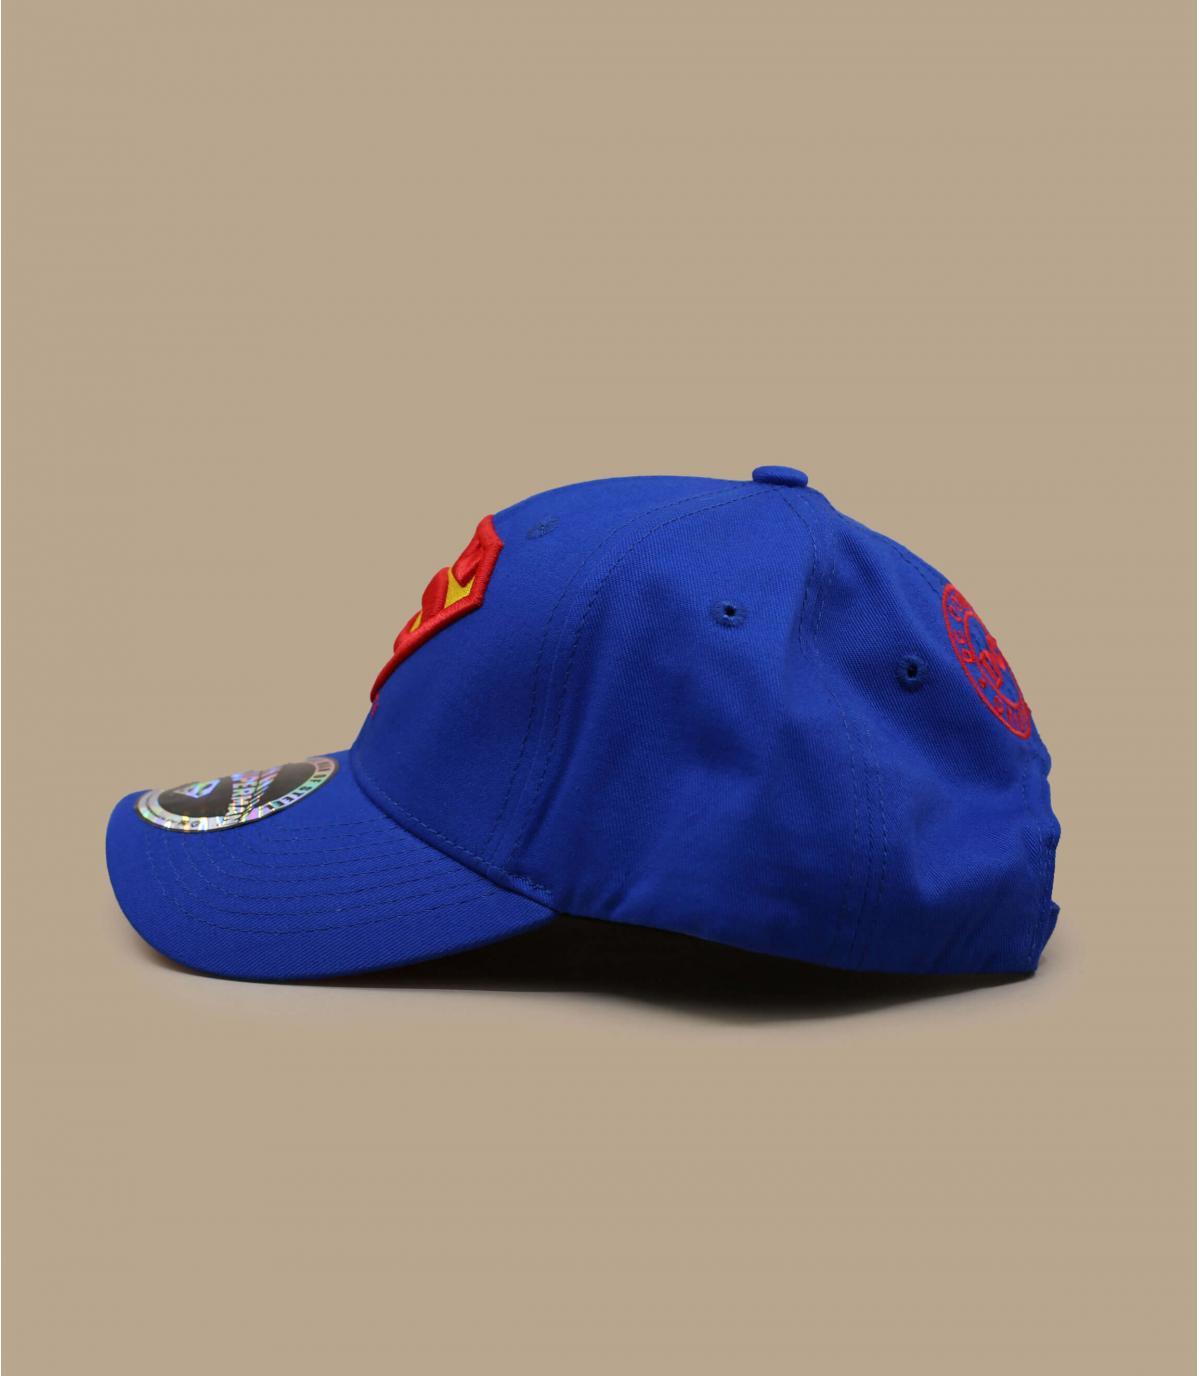 casquettes superman bleu